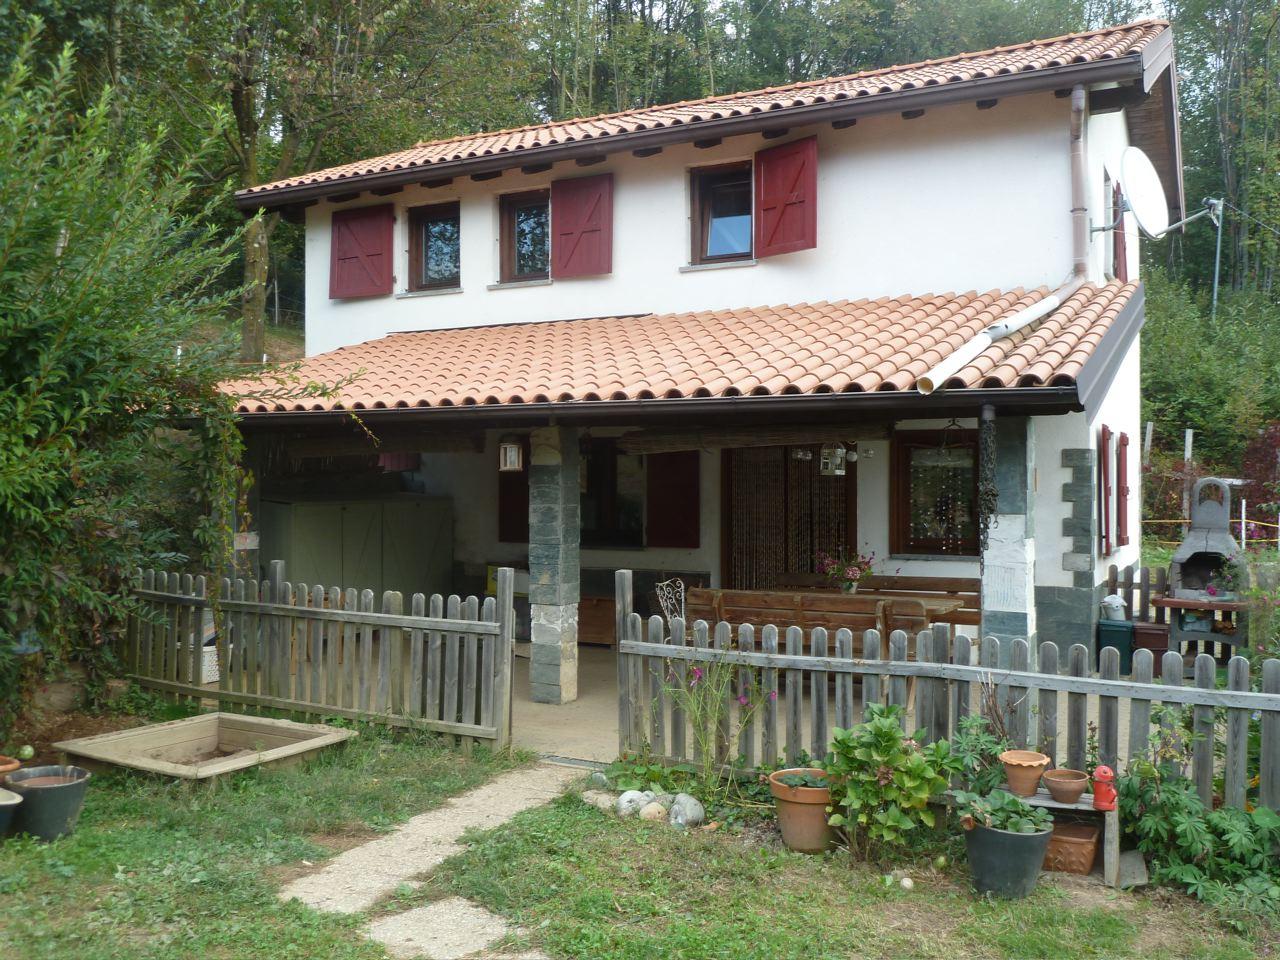 Immobiliare lago d 39 orta ita armeno casa di campagna - Ristrutturare casale di campagna ...